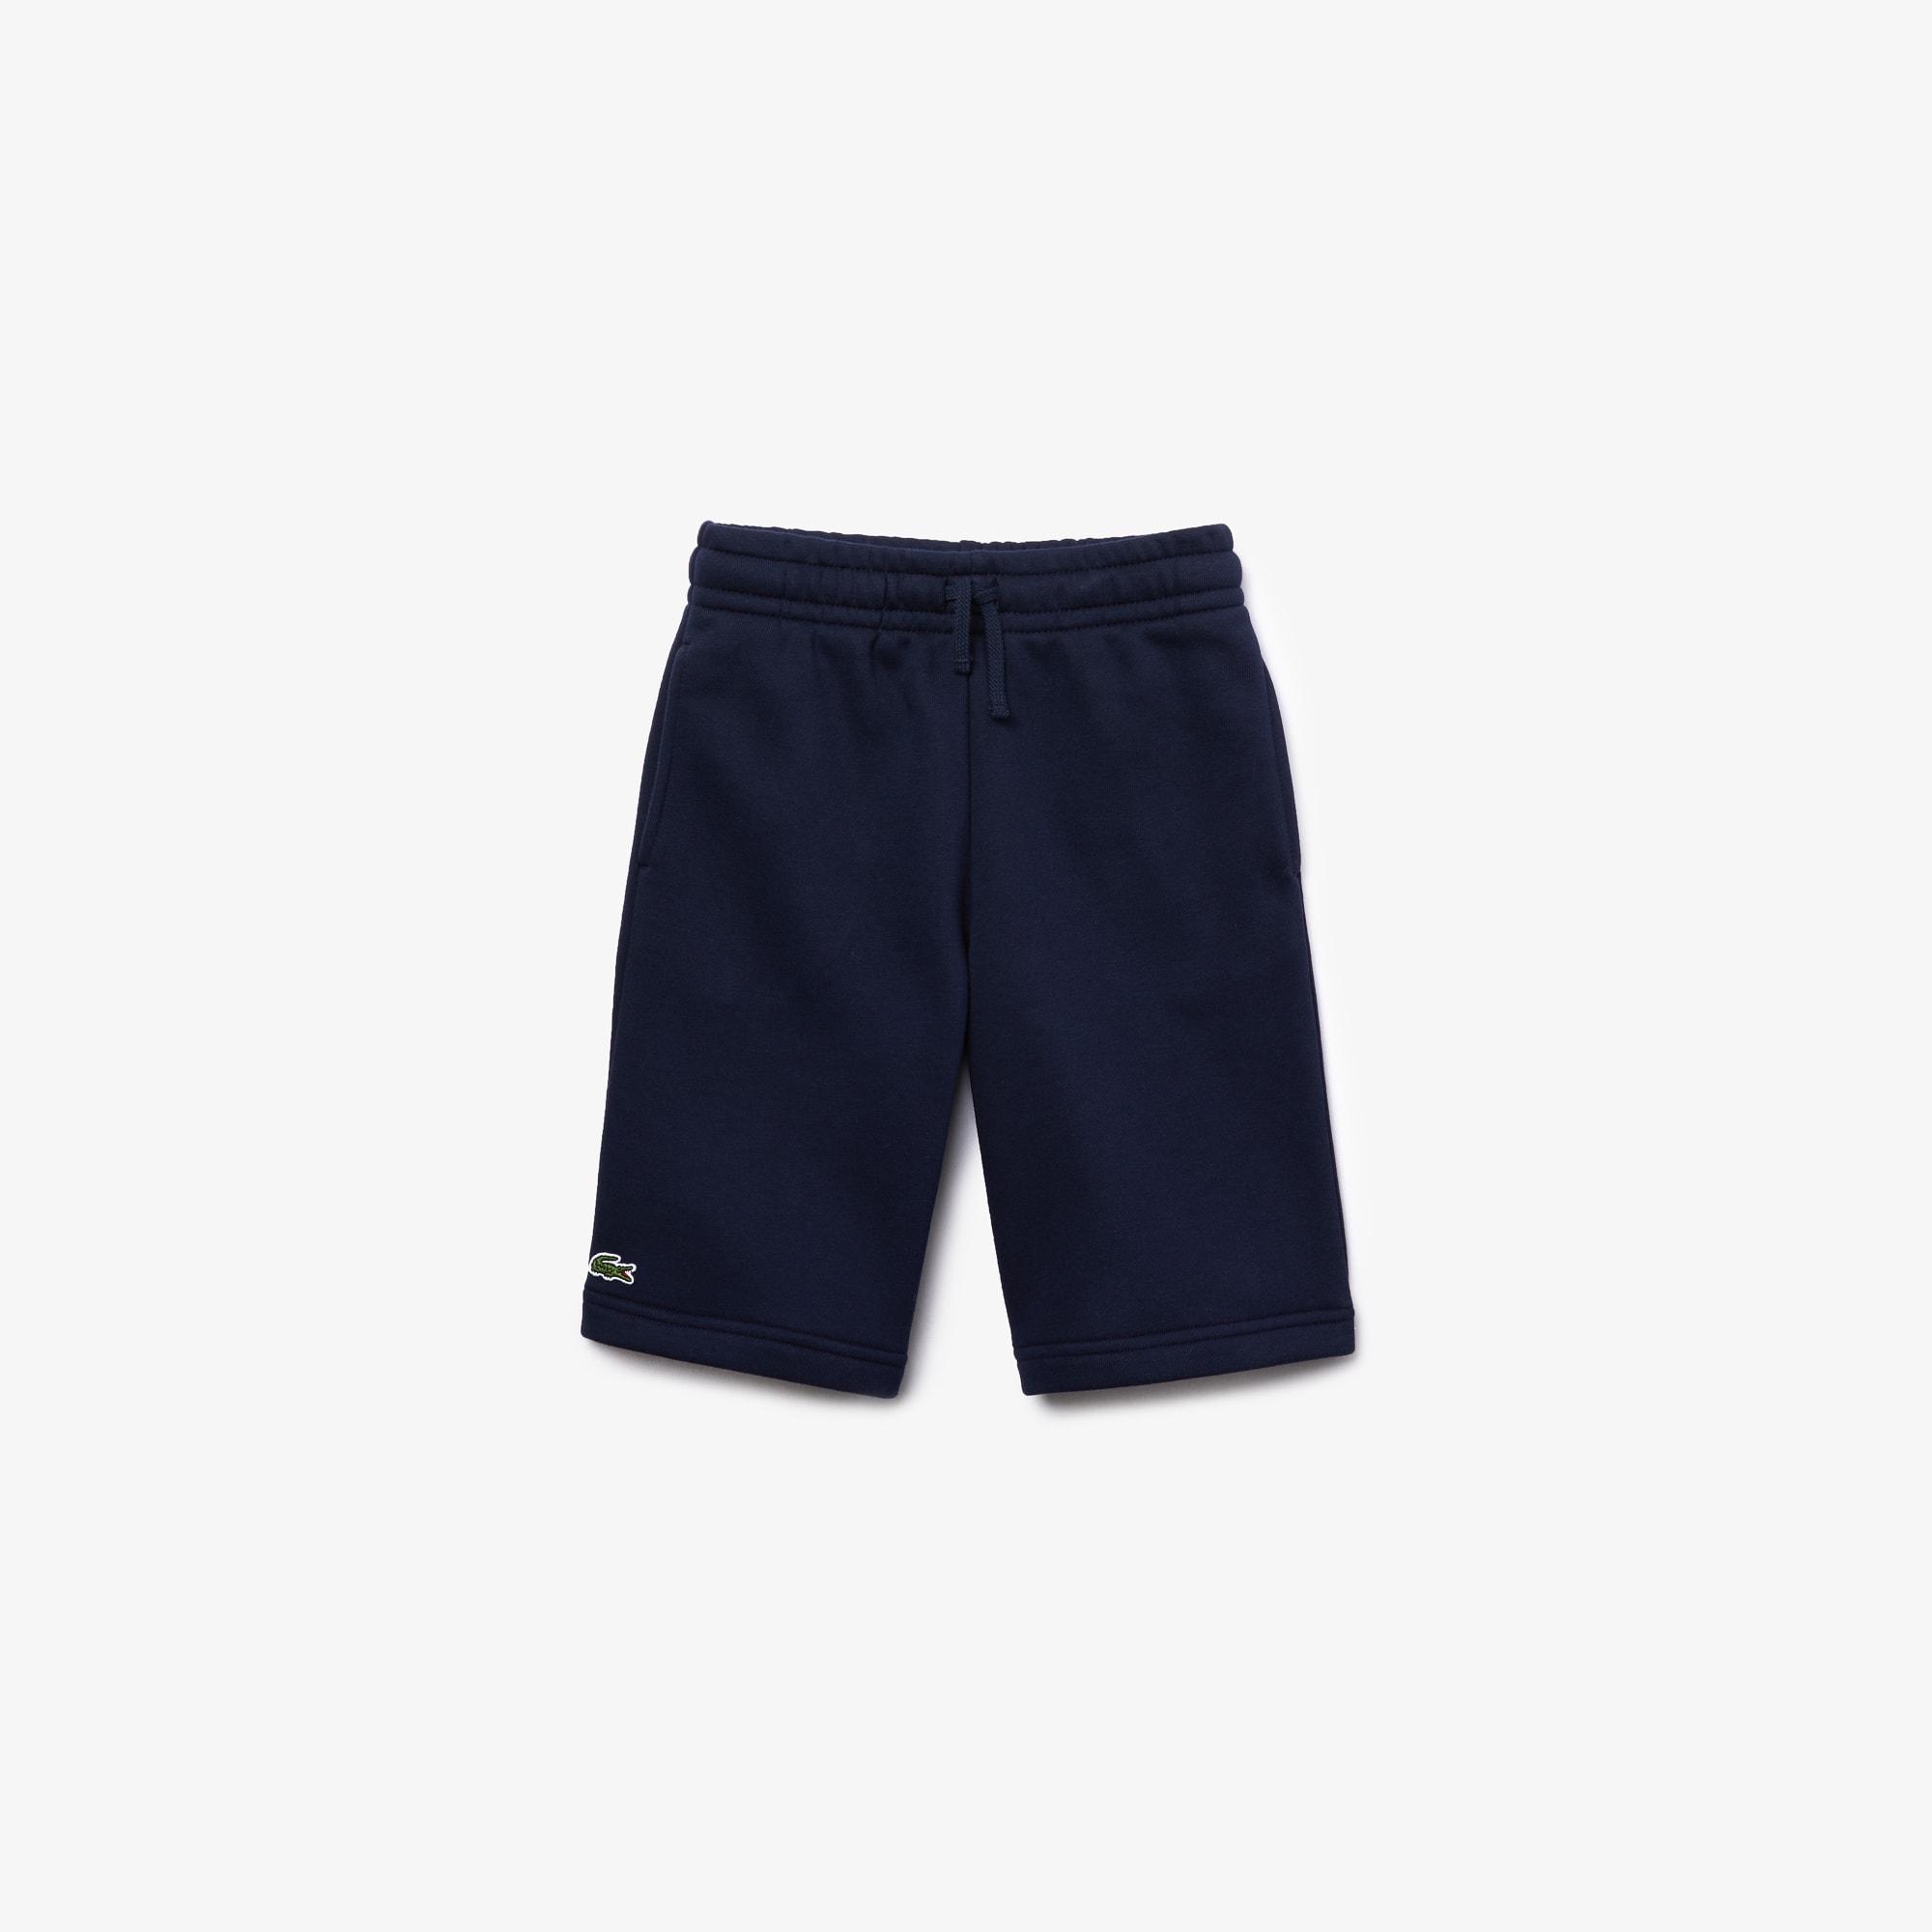 Pantaloncini da bambino Tennis Lacoste SPORT in cotone